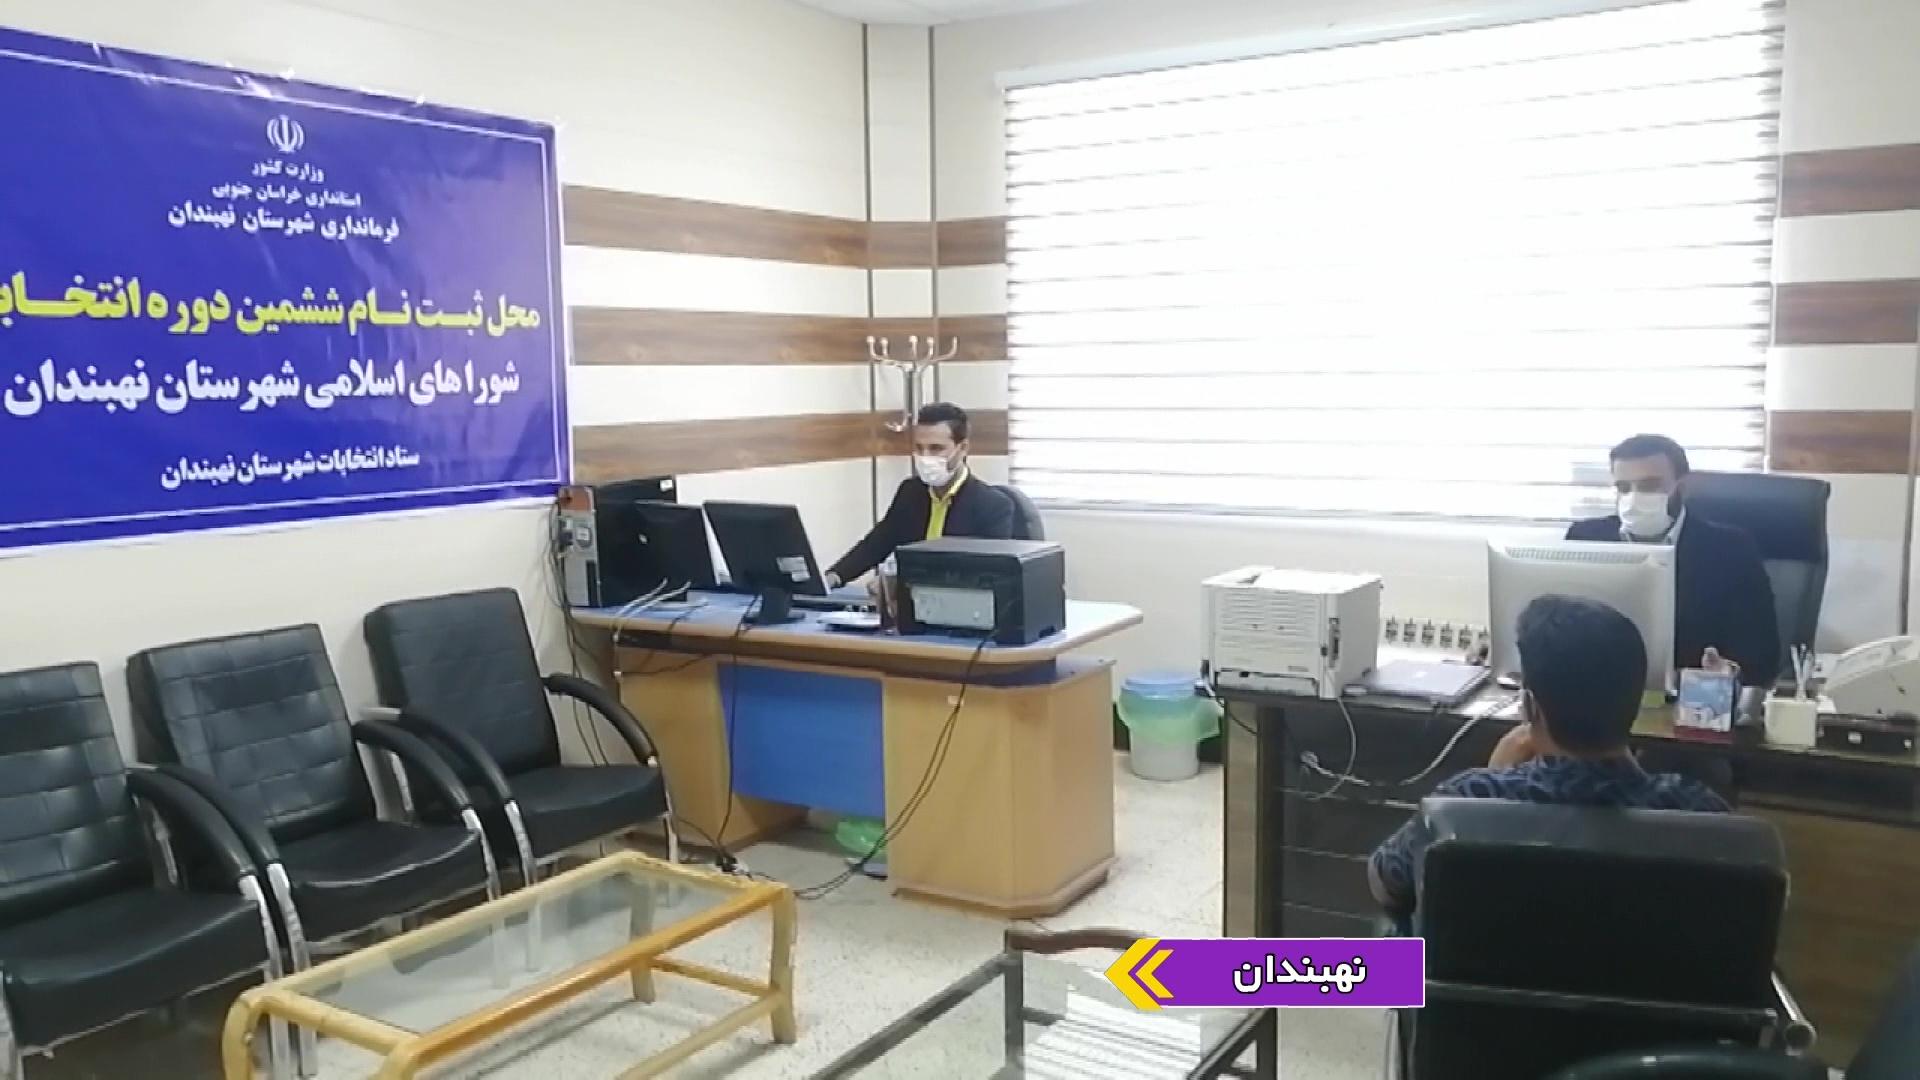 ثبت نام ۷۹ داوطلب برای انتخابات ششمین دوره شوراهای اسلامی شهر